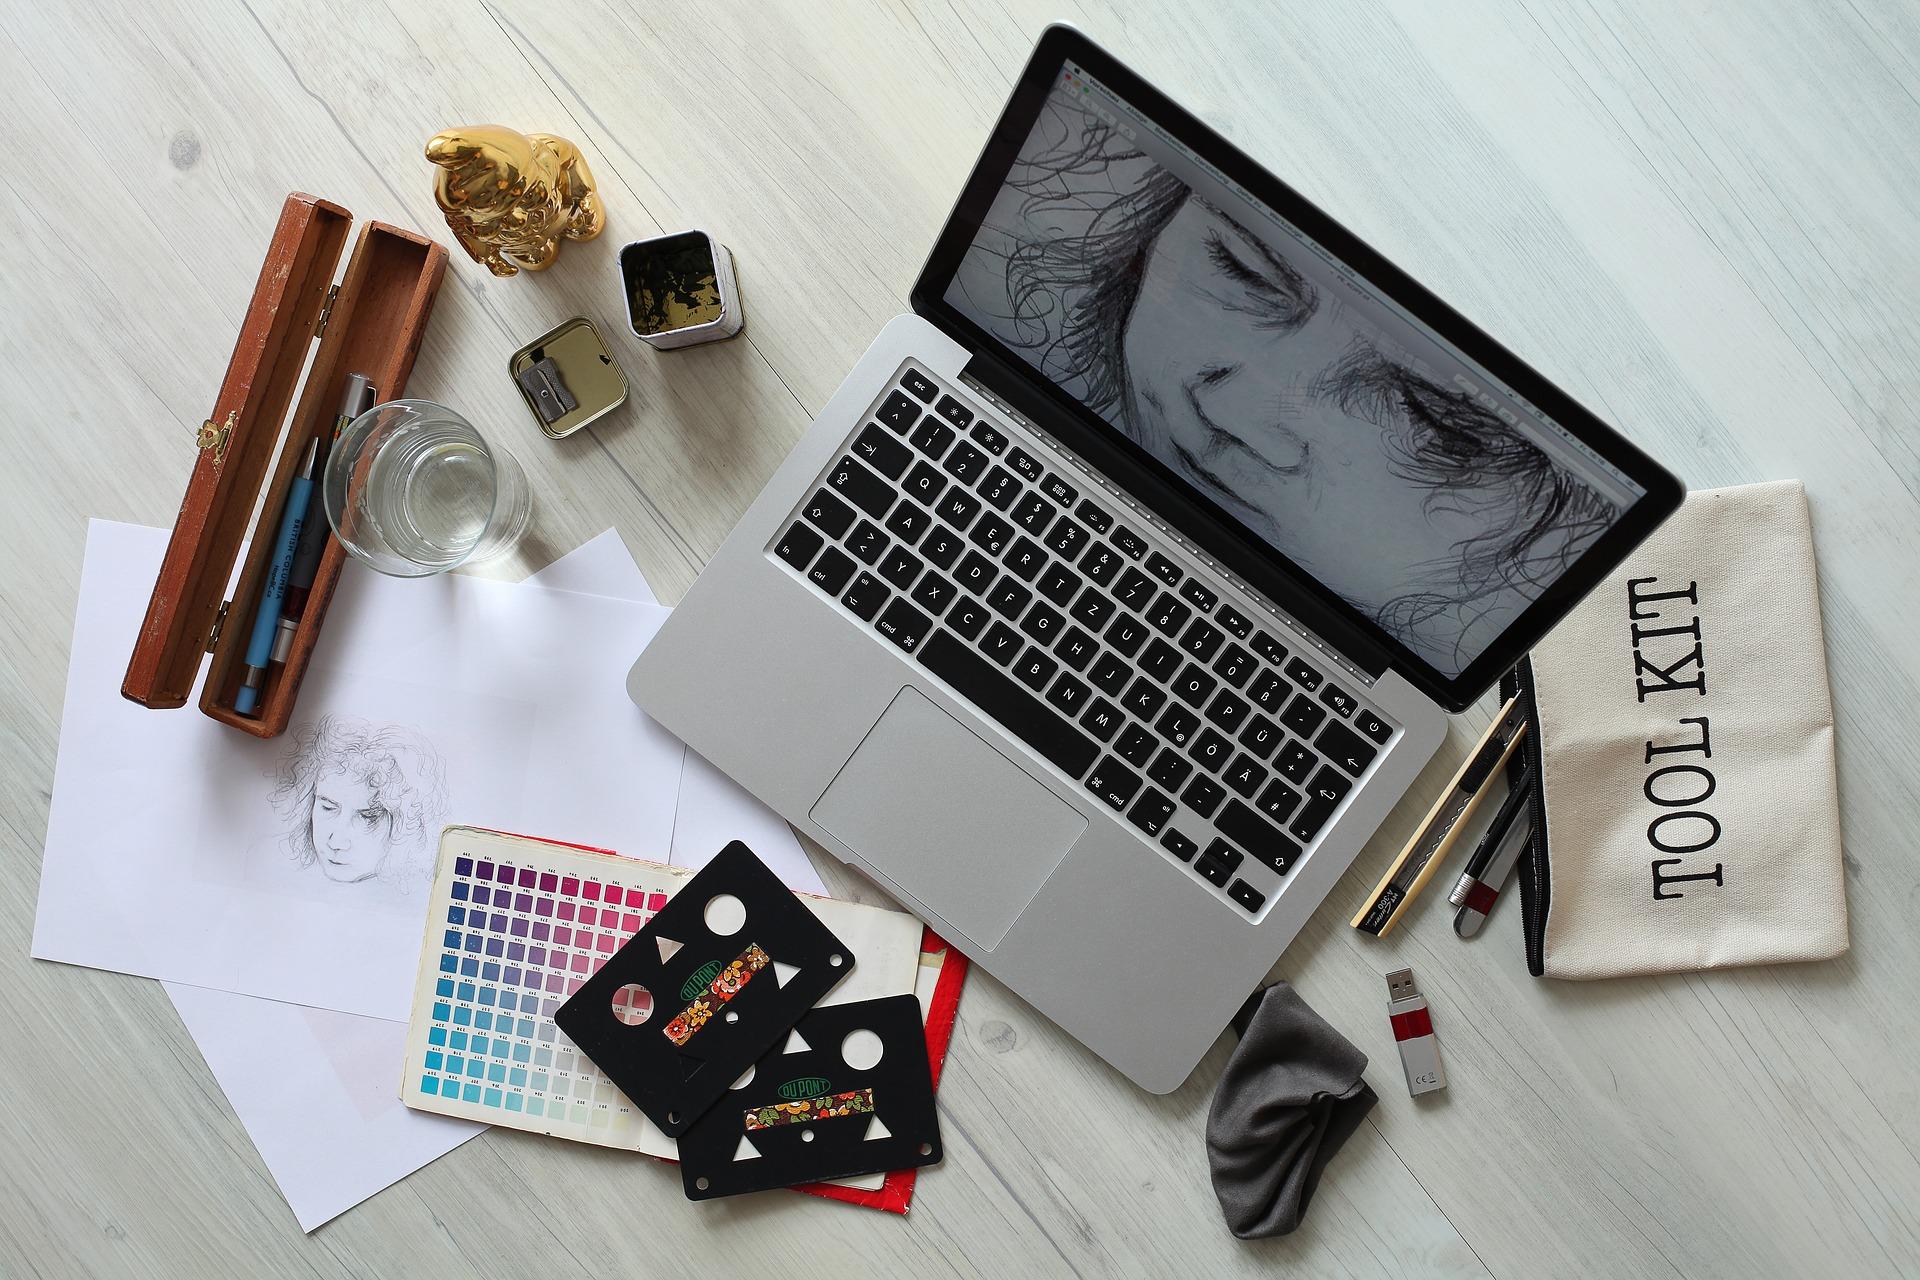 Práce grafického designera